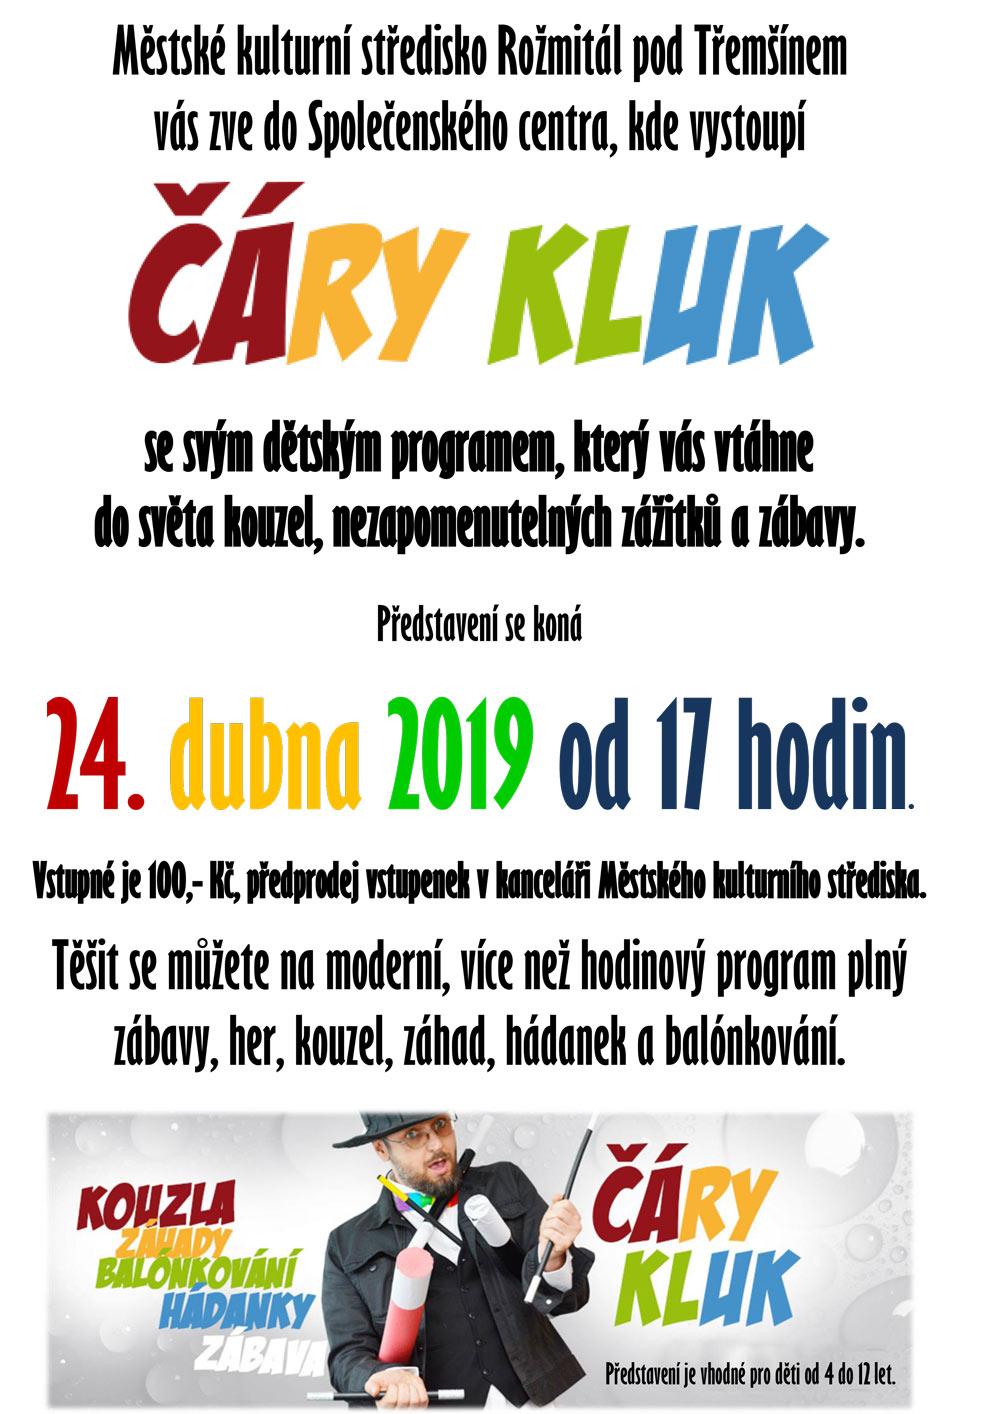 oficlální plakát Čáry Kluk Rožmitál